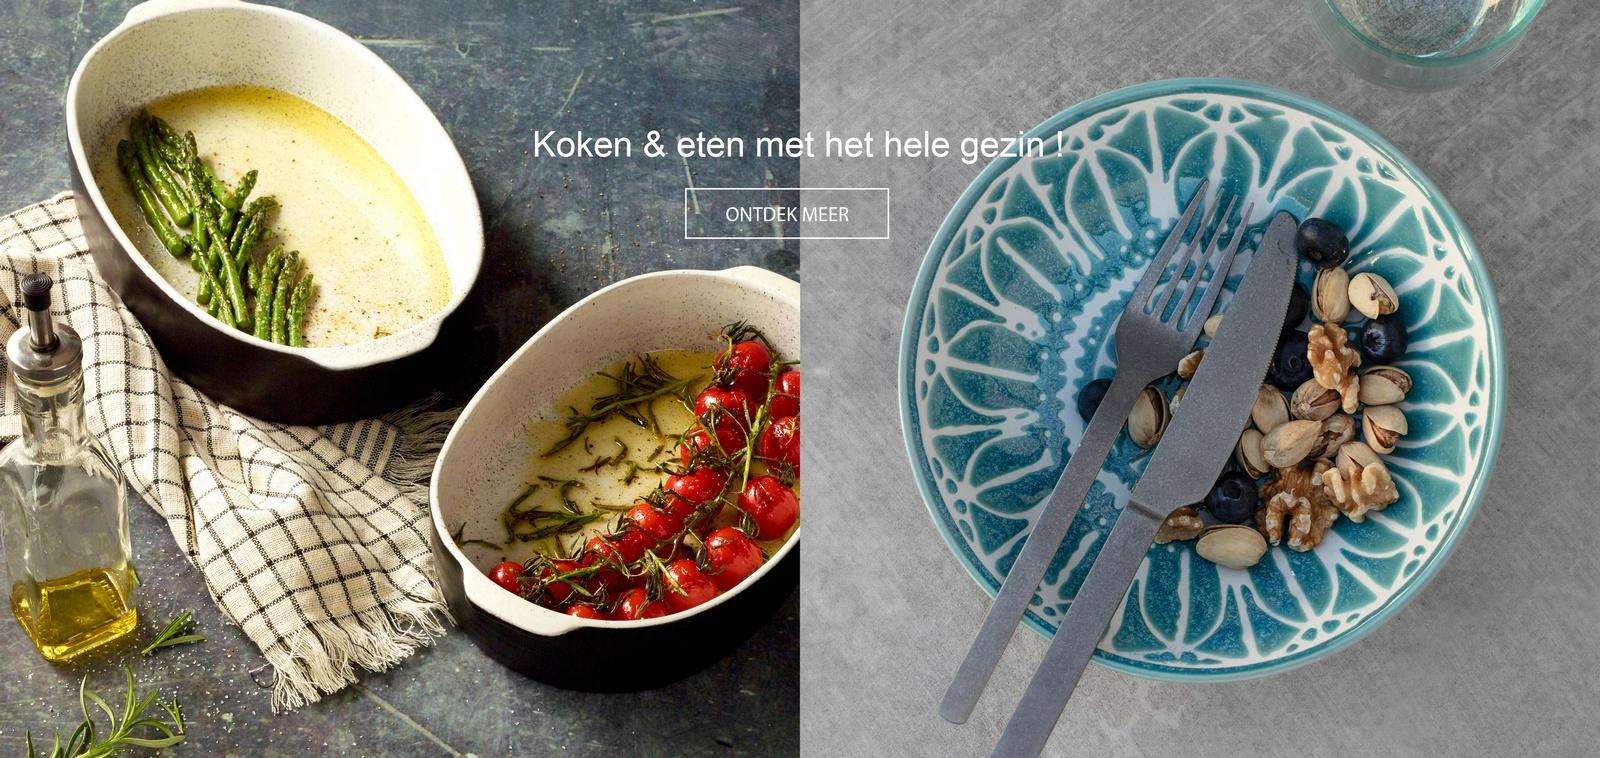 koken & eten